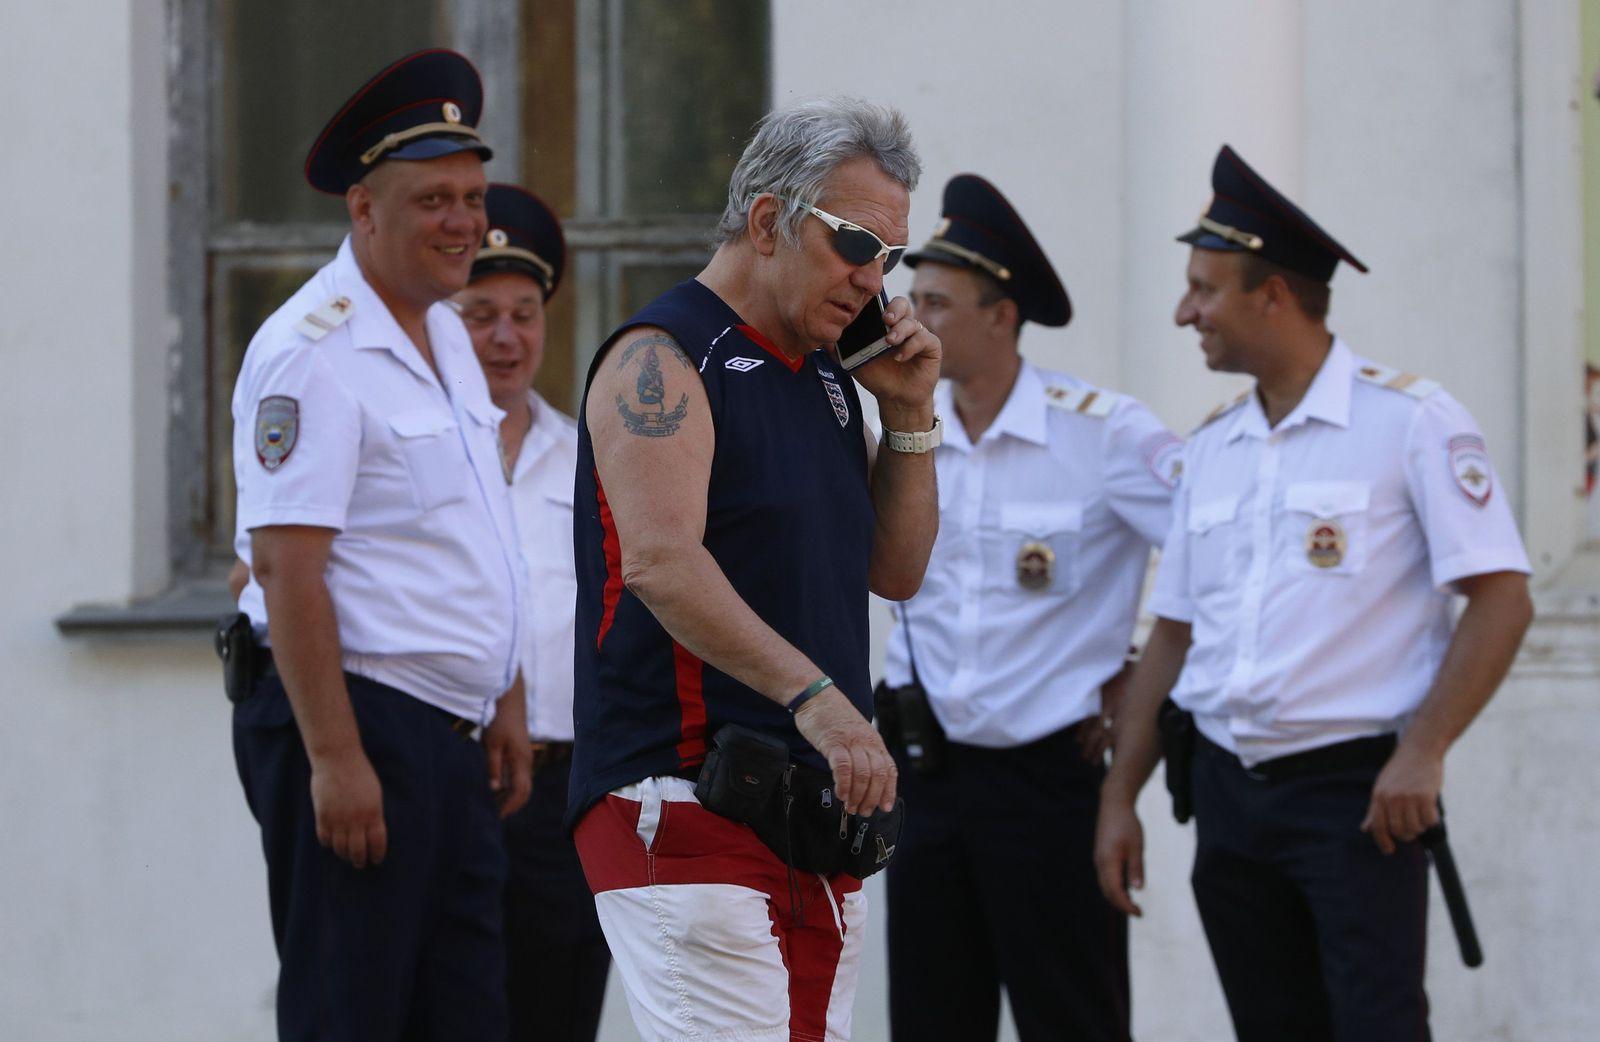 Russland Polizisten